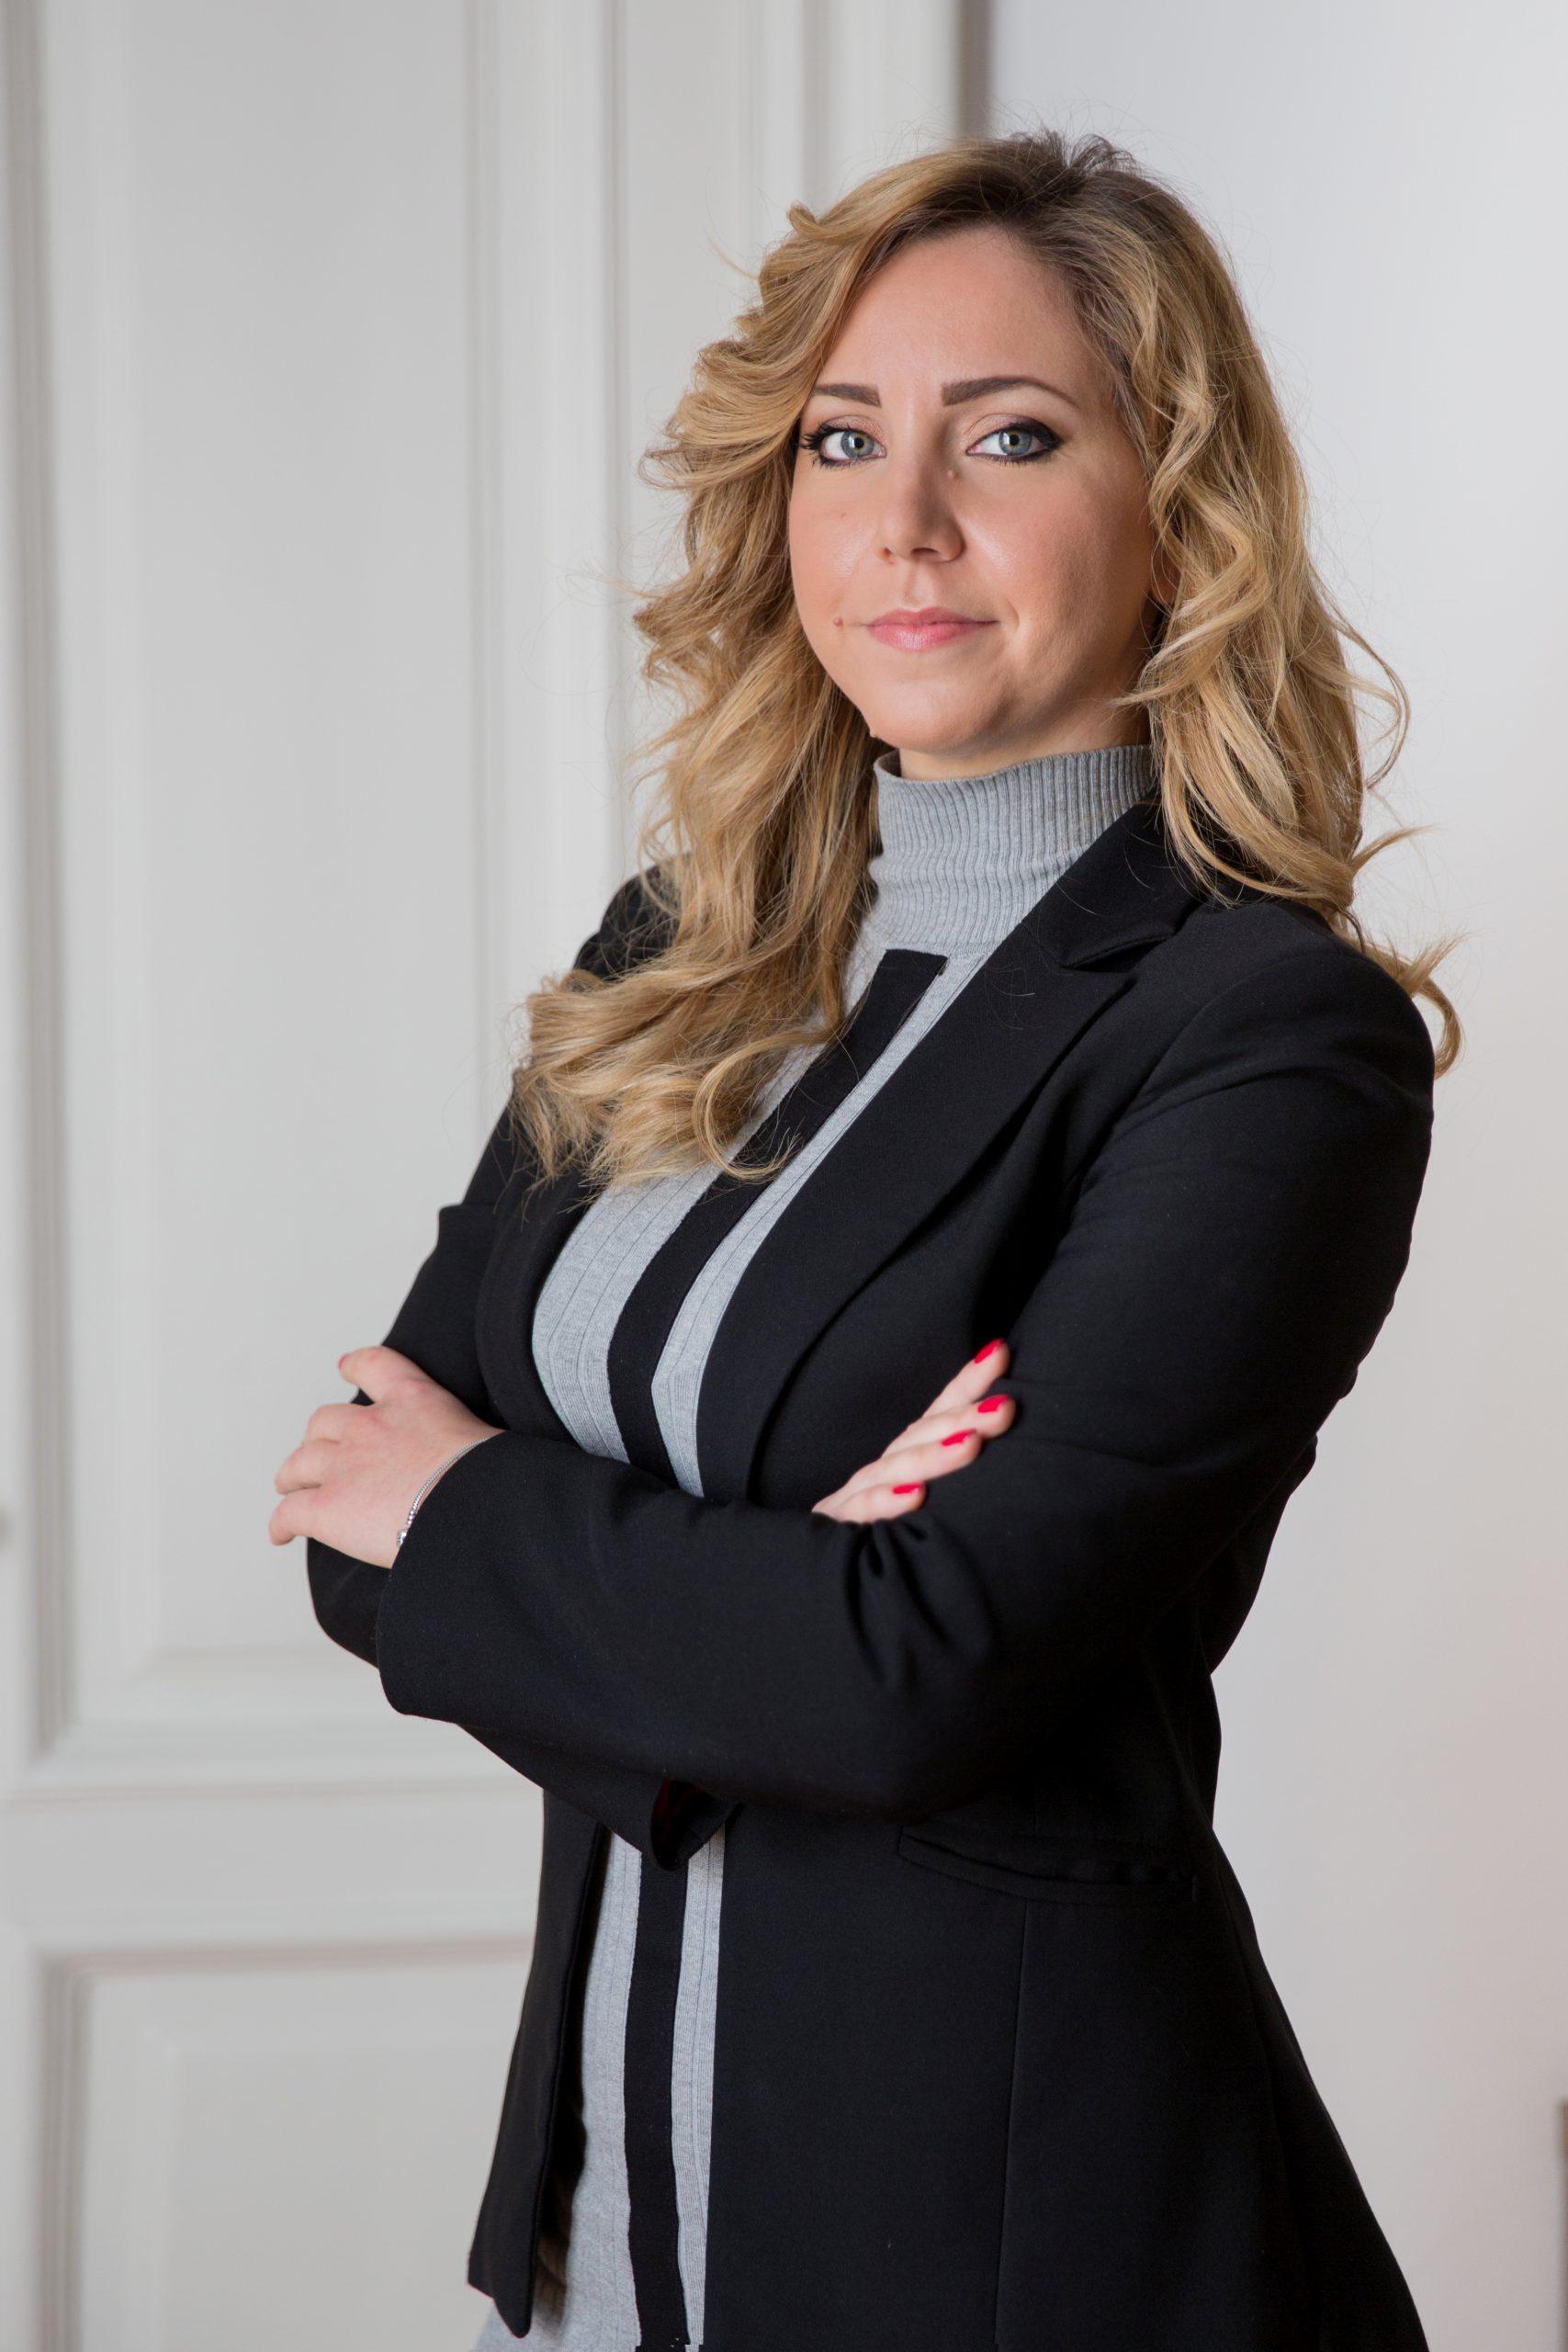 Samantha Pinna